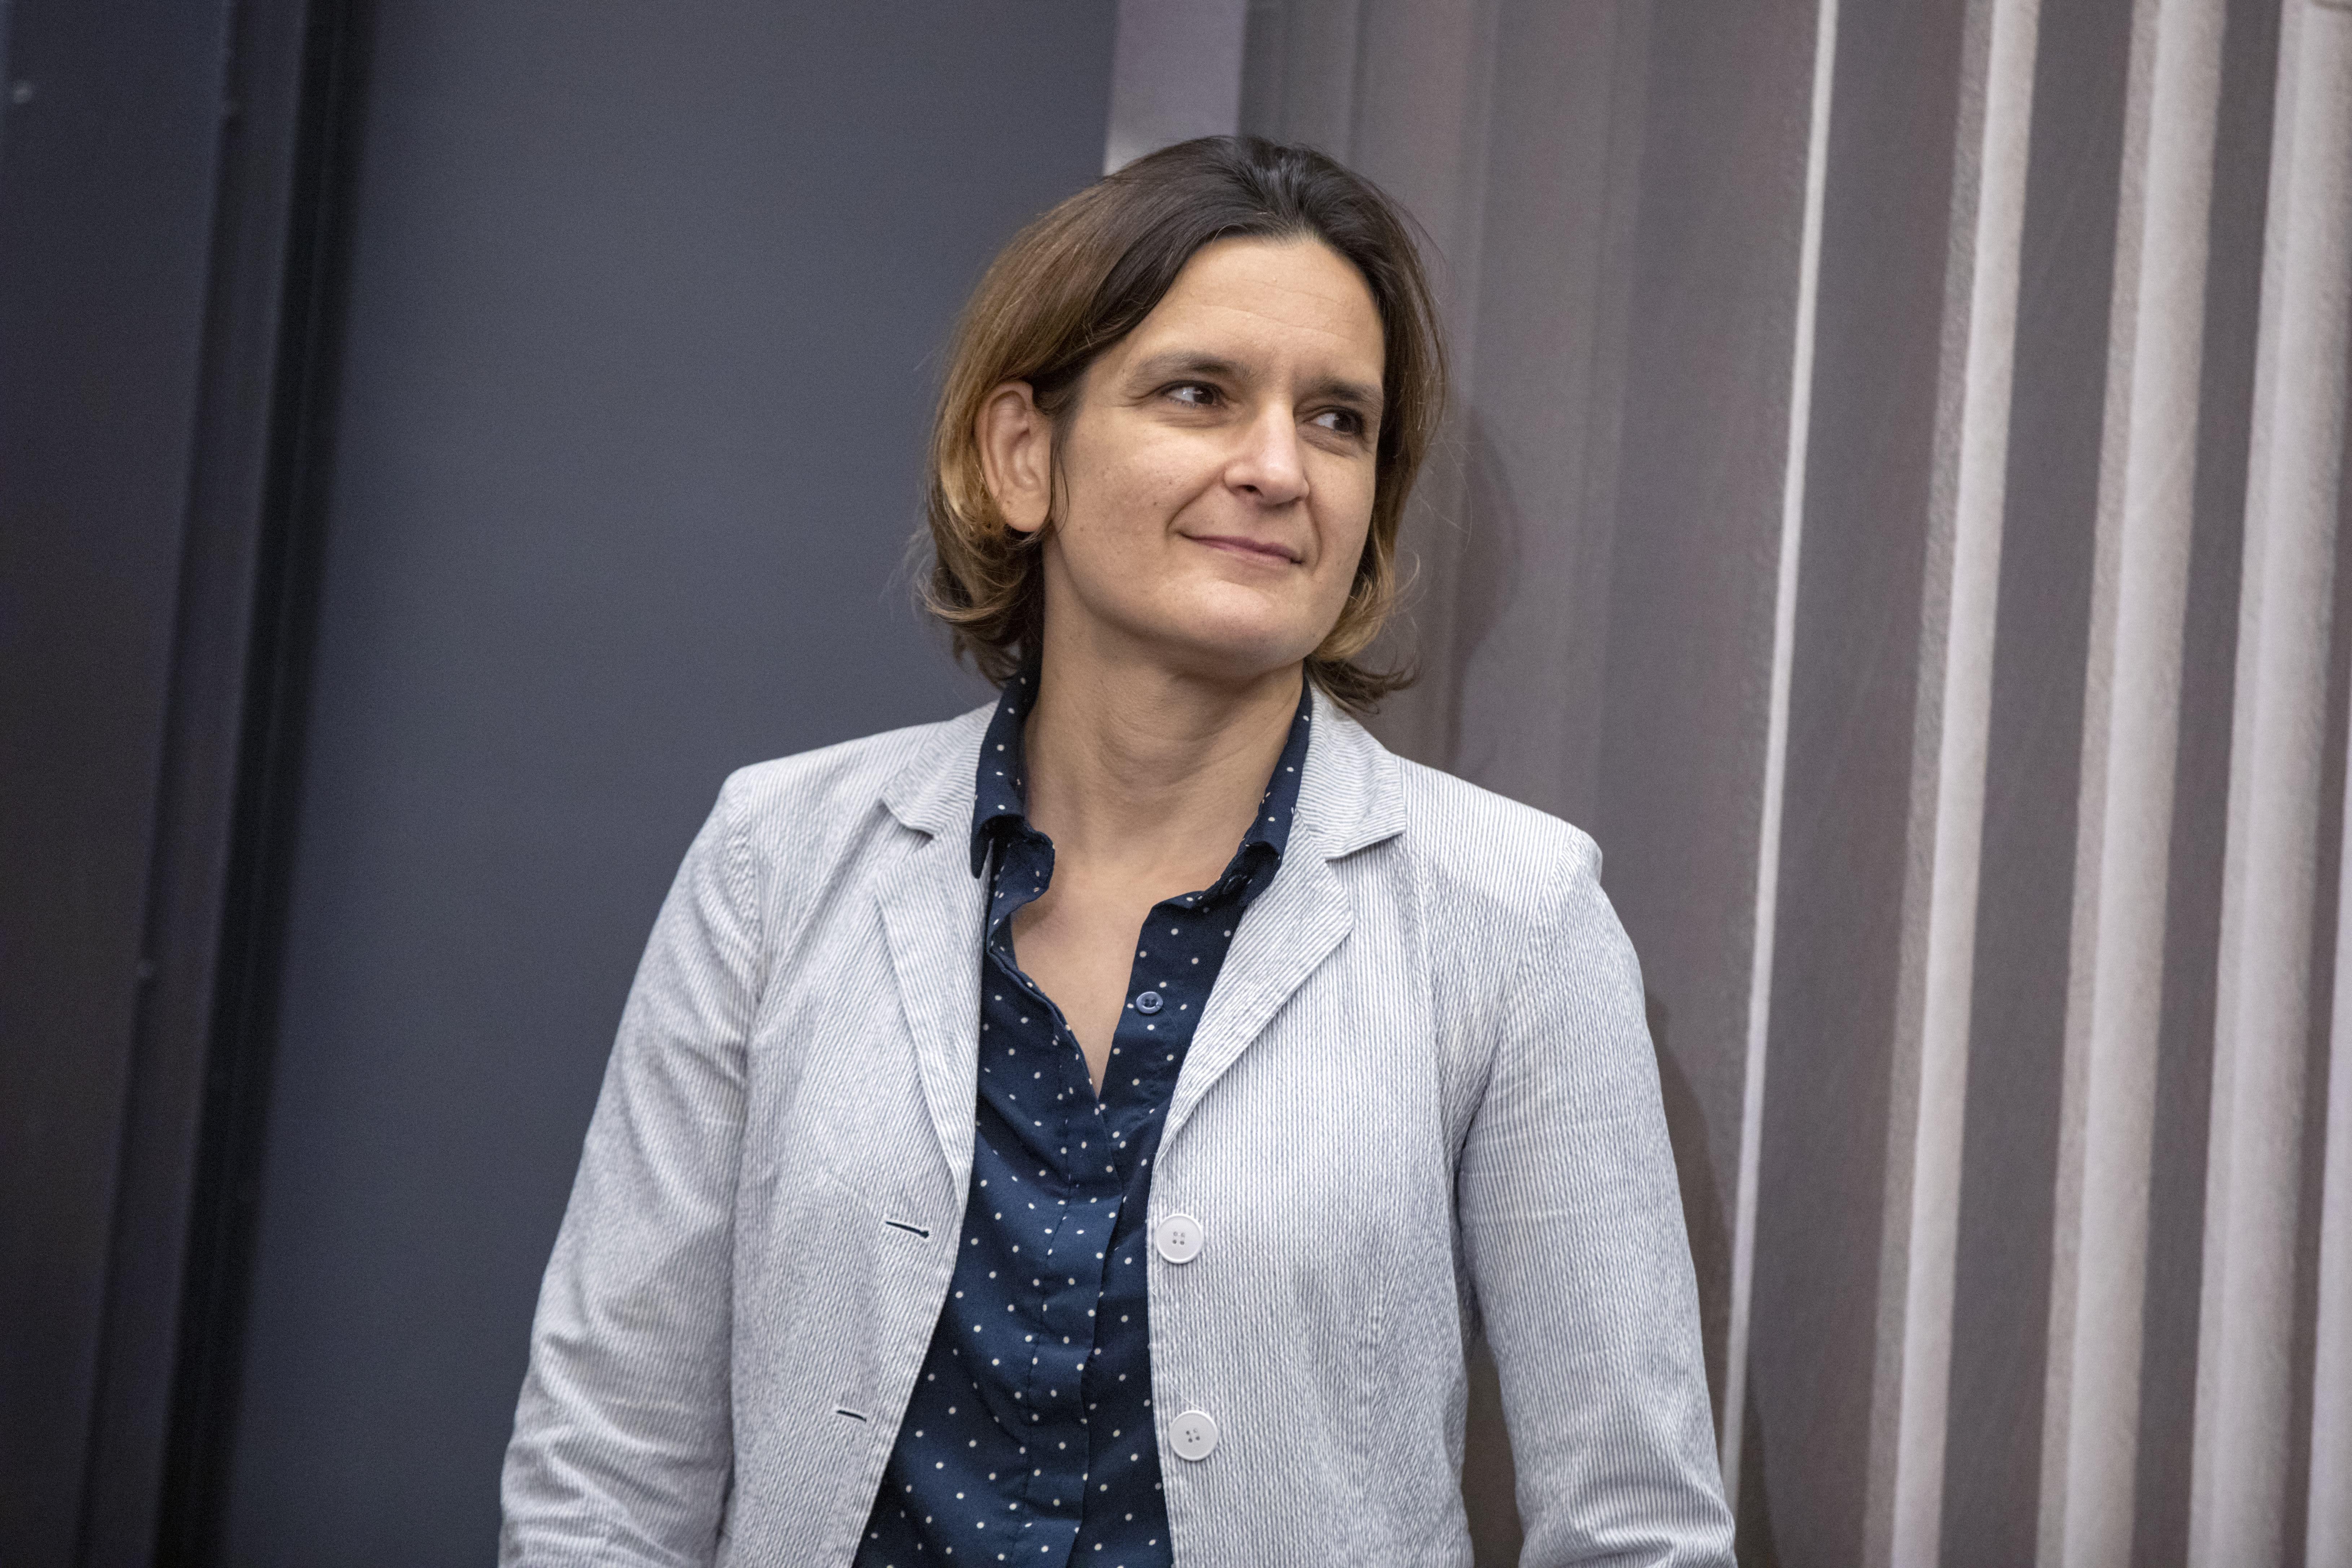 Aos 47 anos, Esther Duflo é a mais jovem mulher a ganhar o Nobel de Economia (Foto: AP Photo/Michael Dwyer)